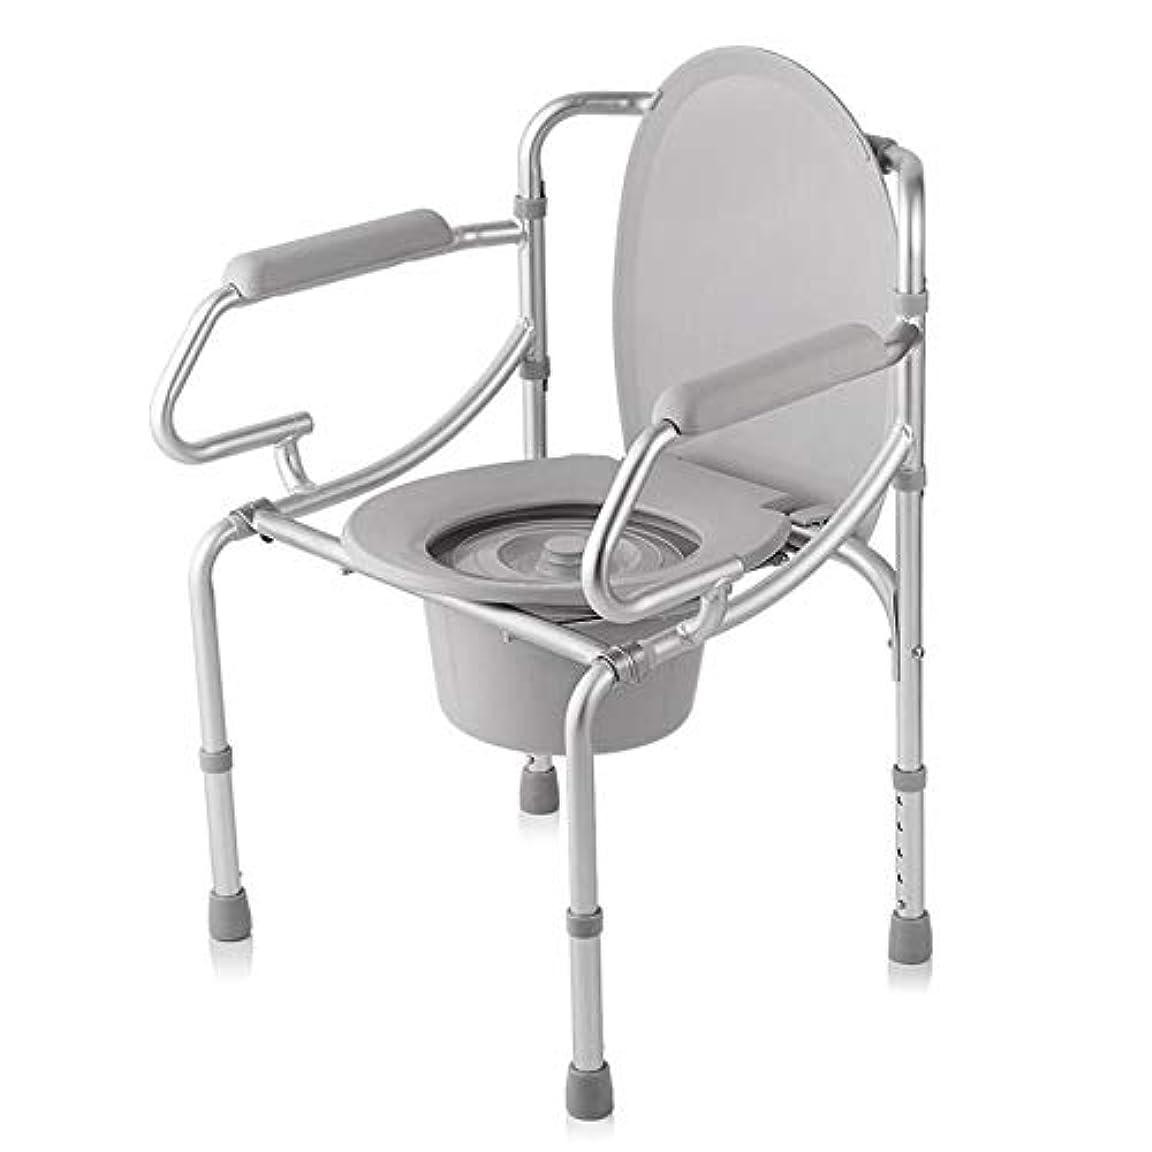 カビ靄軍艦調節可能な便器椅子、取り外し可能なパッド入りシートとトイレ付きの豪華な折りたたみ軽量便器